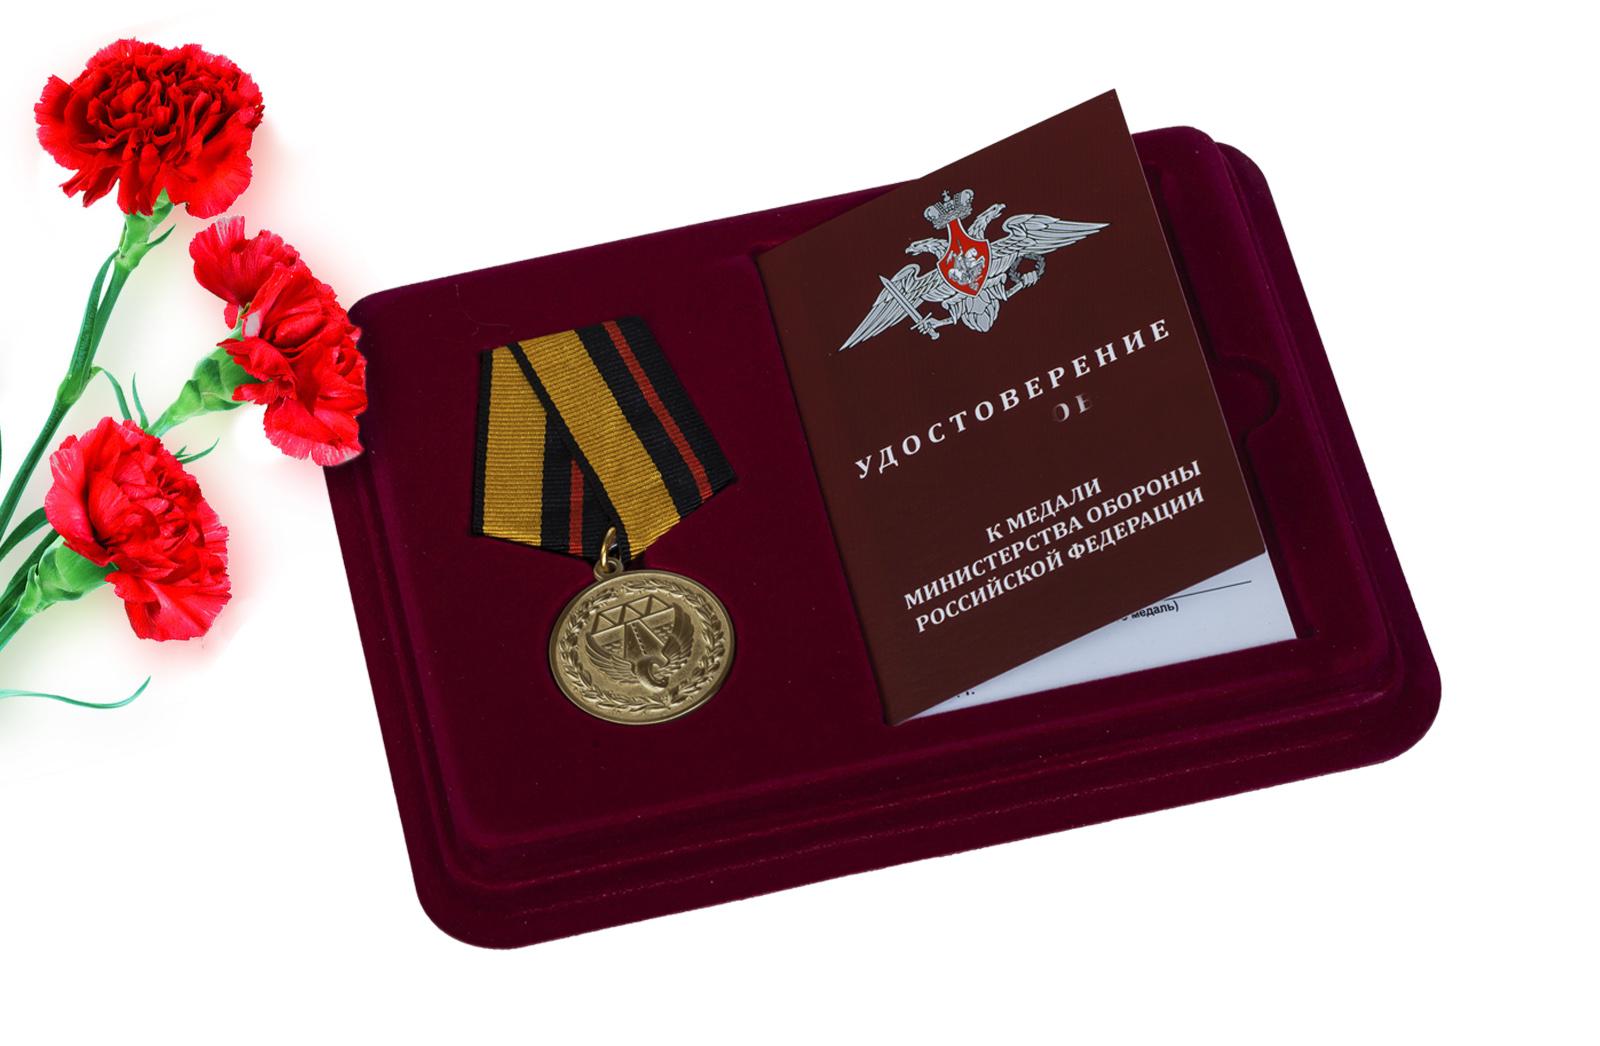 Купить юбилейную медаль 200 лет Дорожным войскам по низкой цене